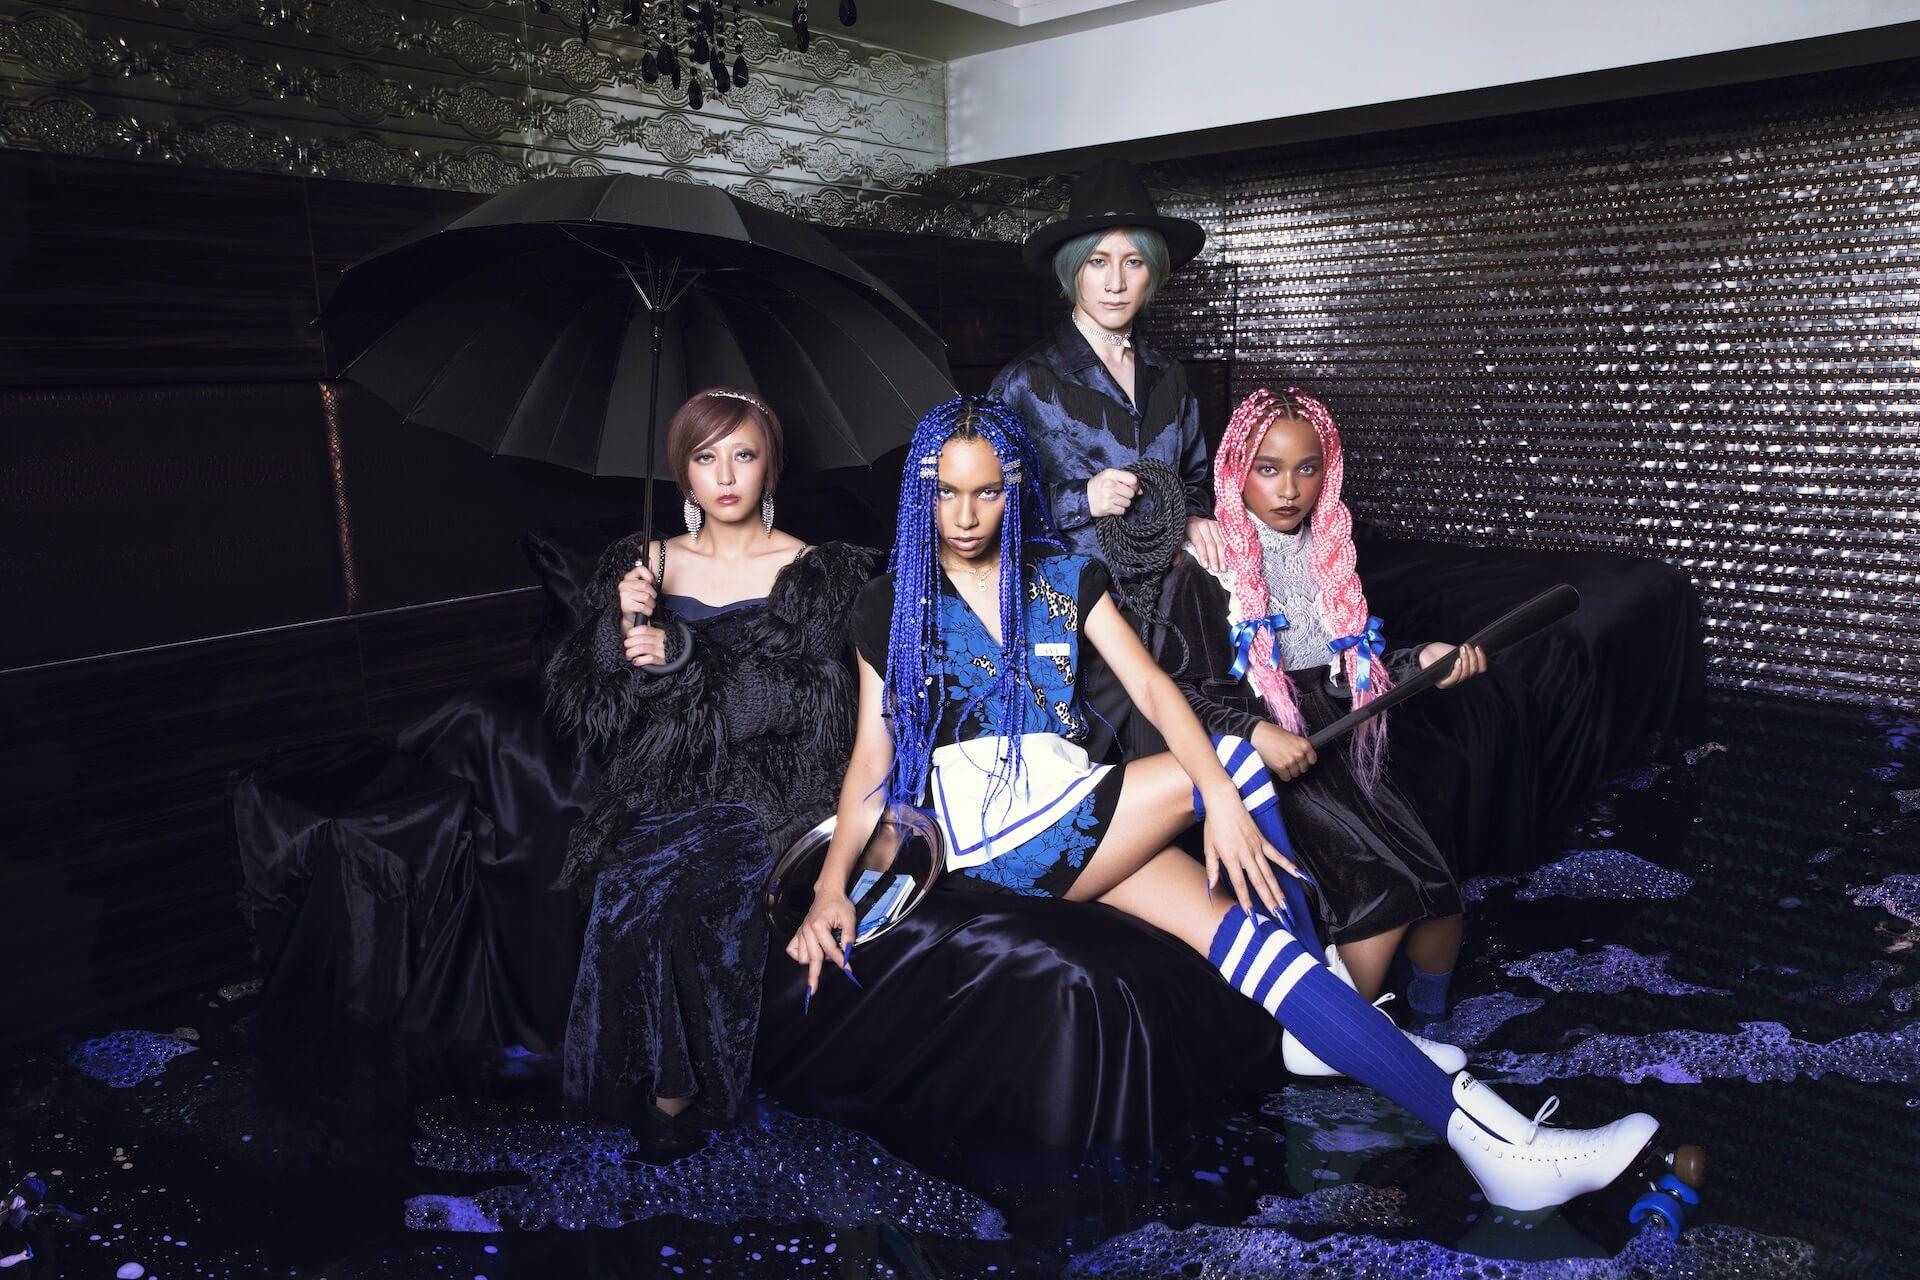 女王蜂はリキッドルームがお好き──LIQUIDROOMのコラボTプロジェクト〈We will meet again〉より新作発表 music200623-liquidroom-ziyoou-vachi-2